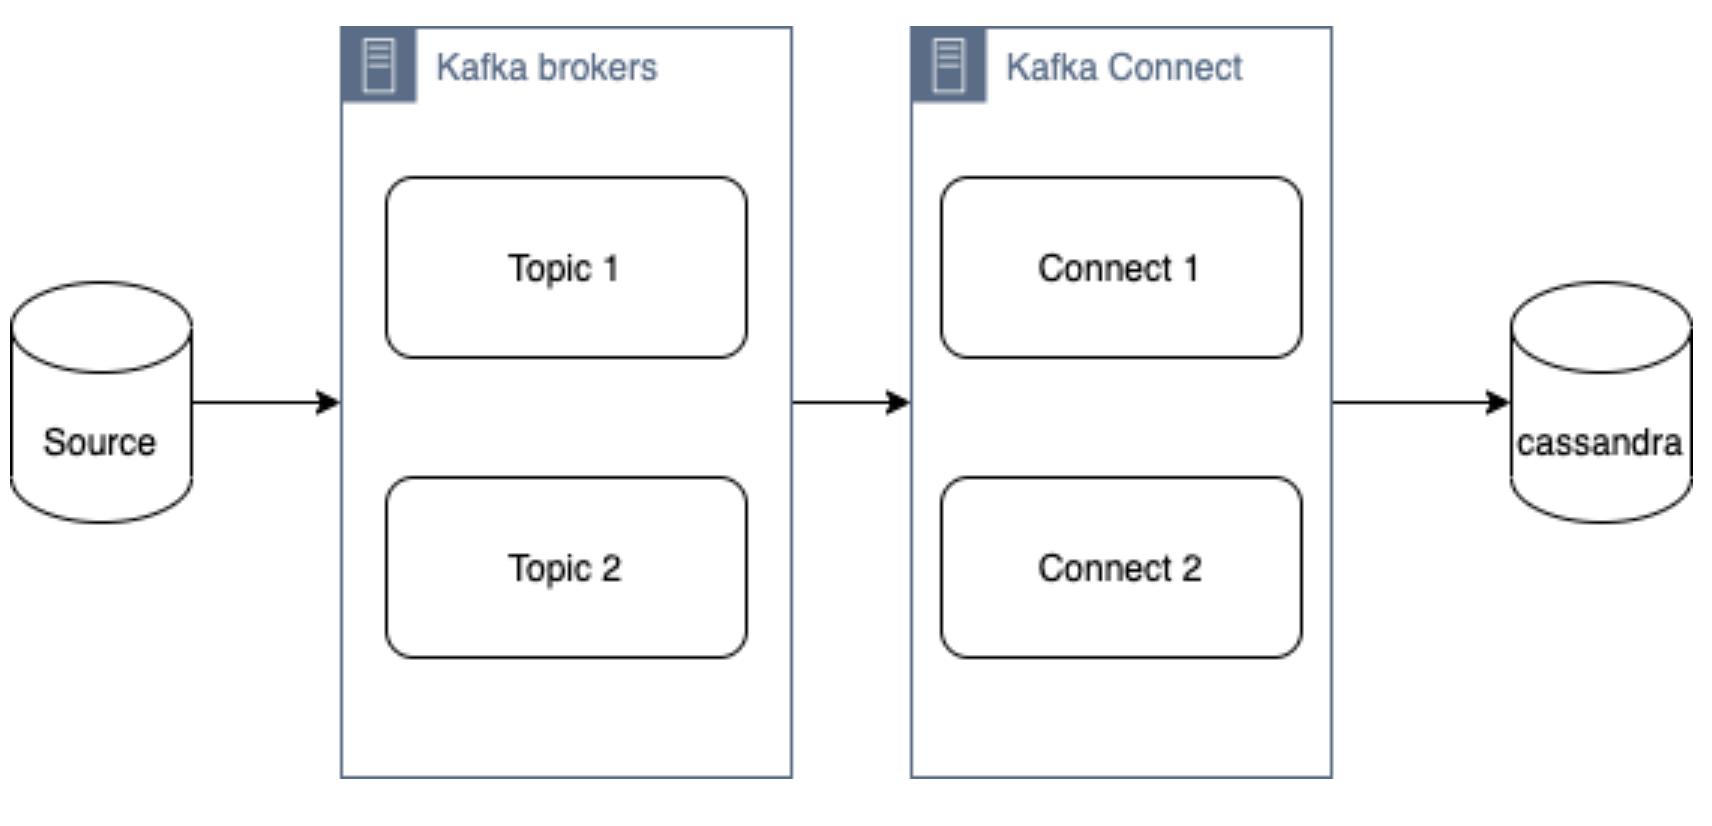 Kafka Connect Cassandra